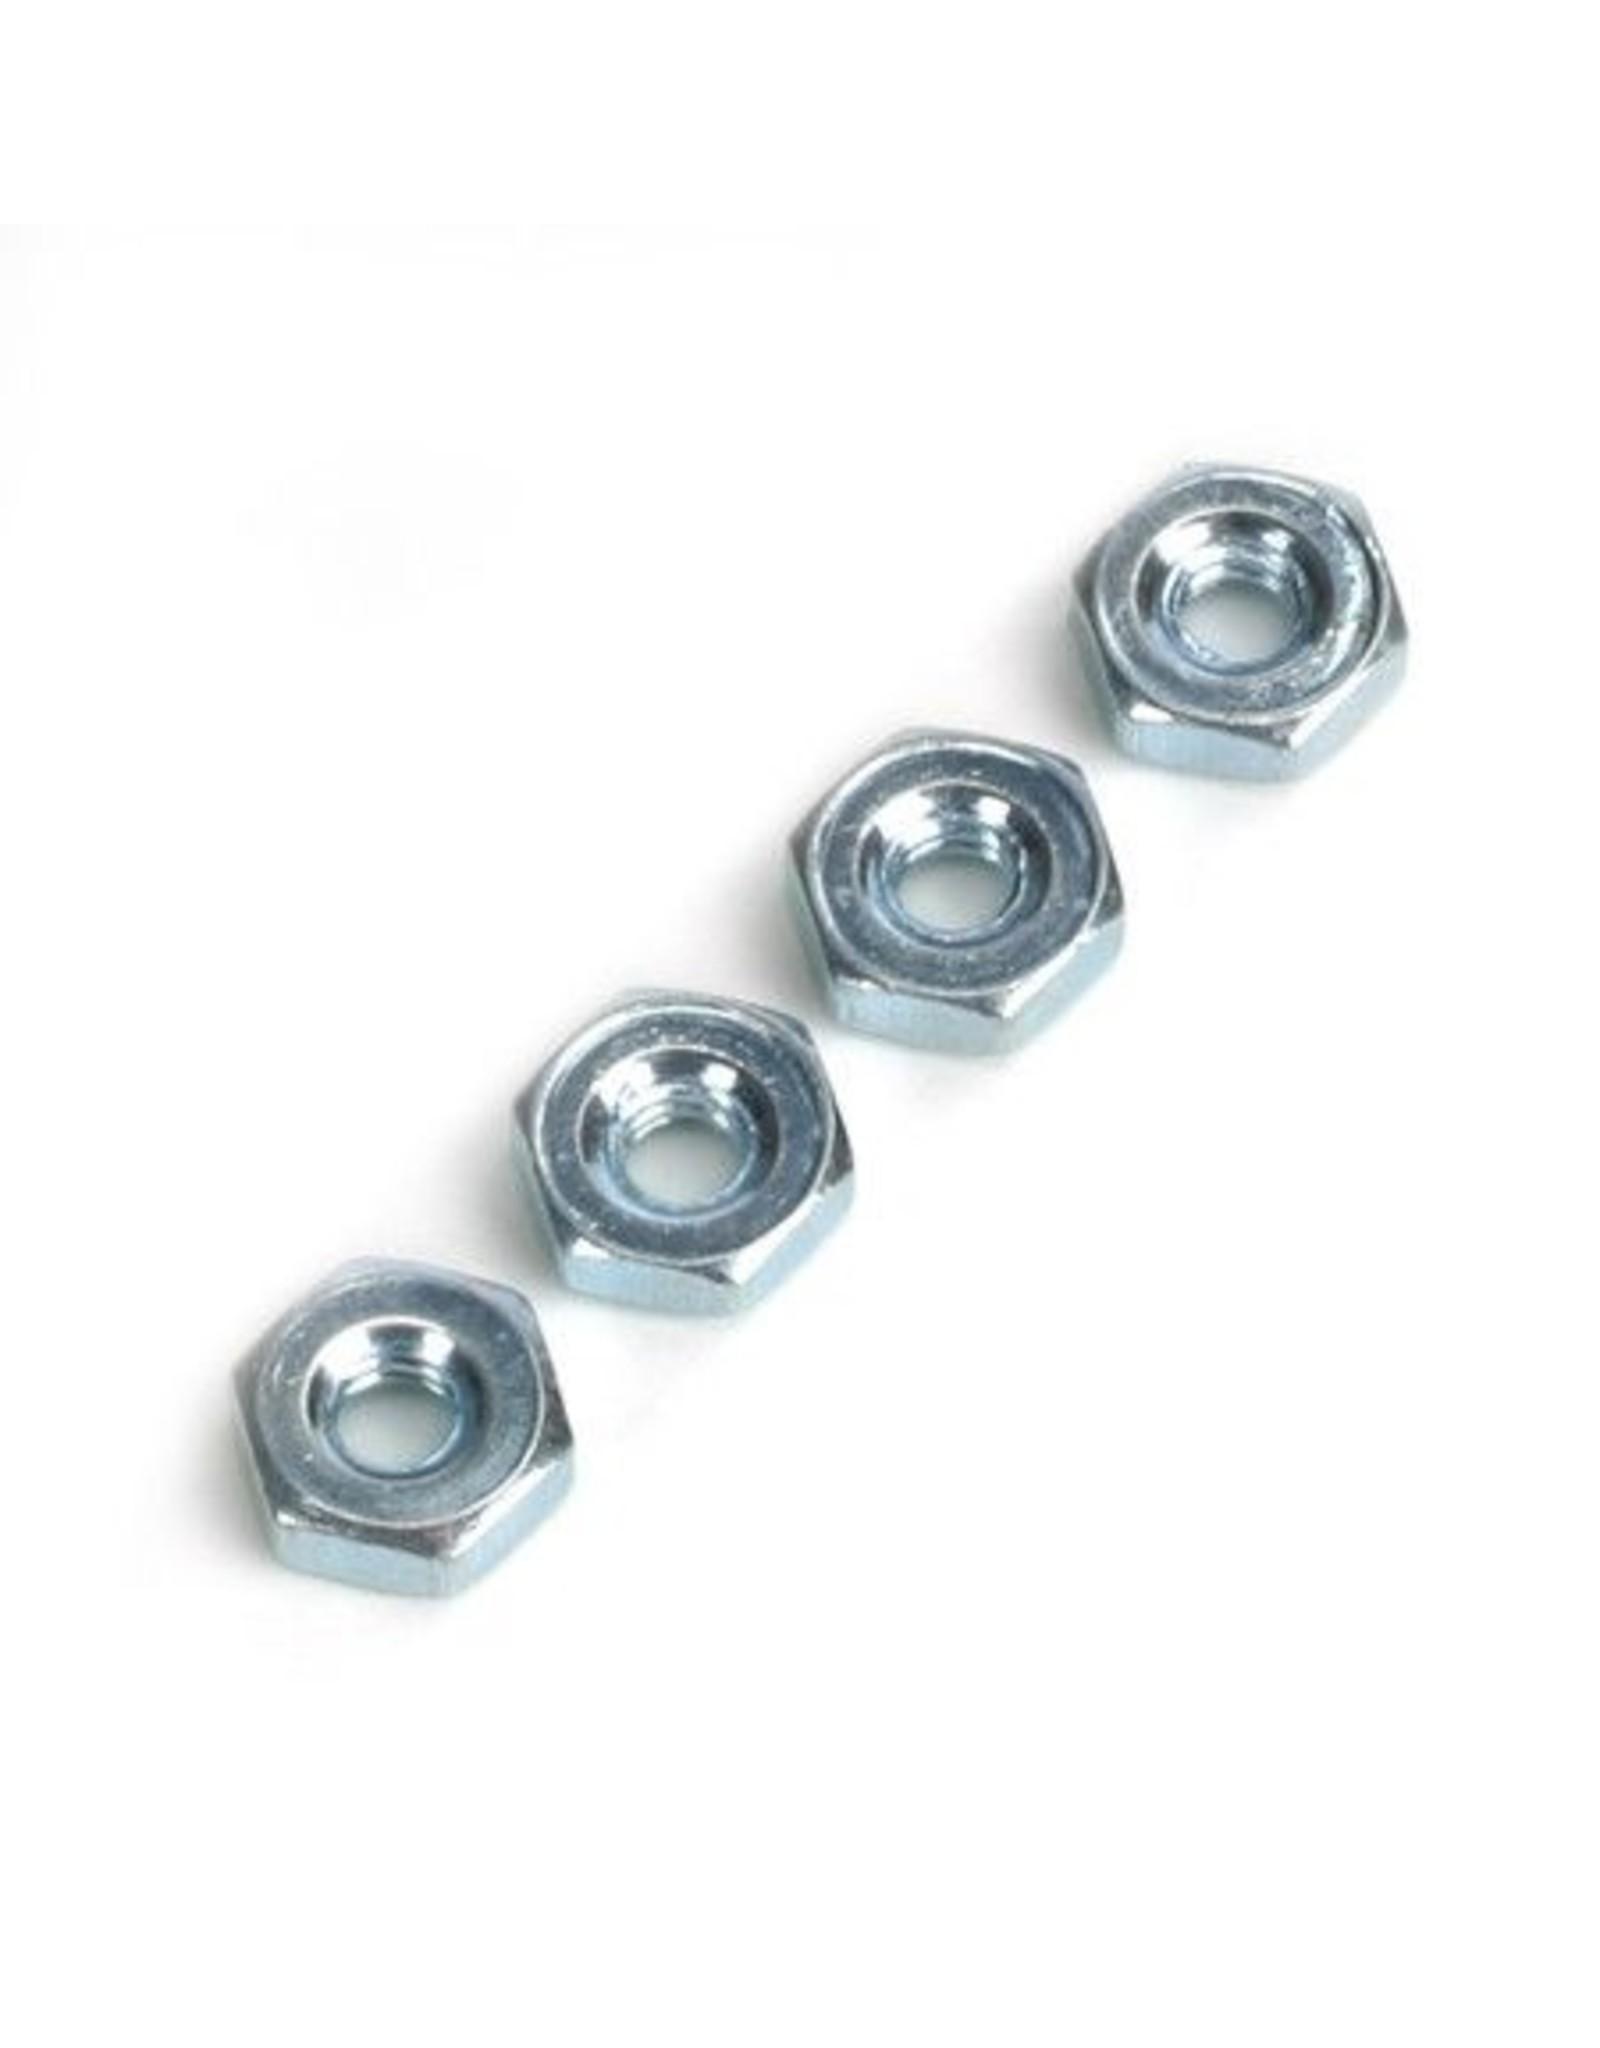 Dubro 561 - Steel Hex Nuts, 4-40 (4)